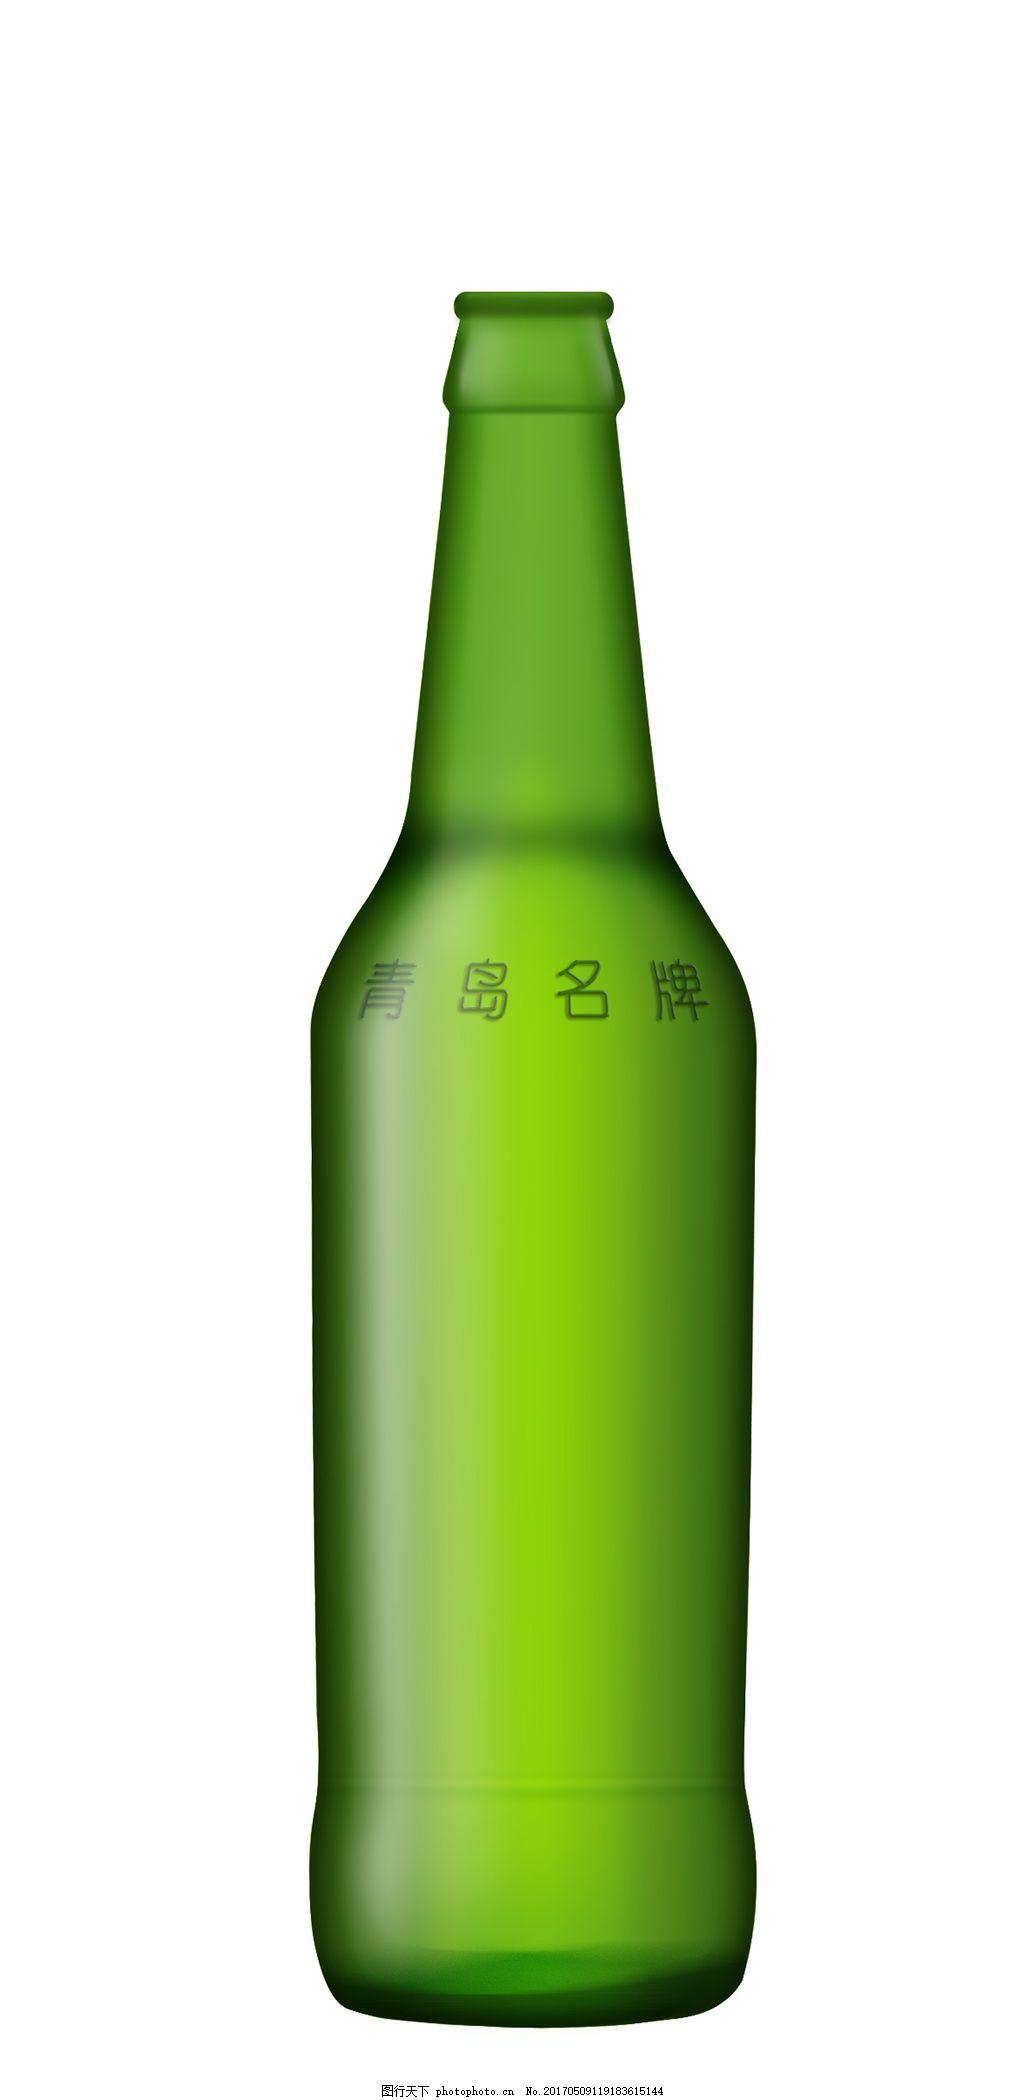 手绘啤酒瓶 青岛啤酒 啤酒素材 绿啤酒瓶